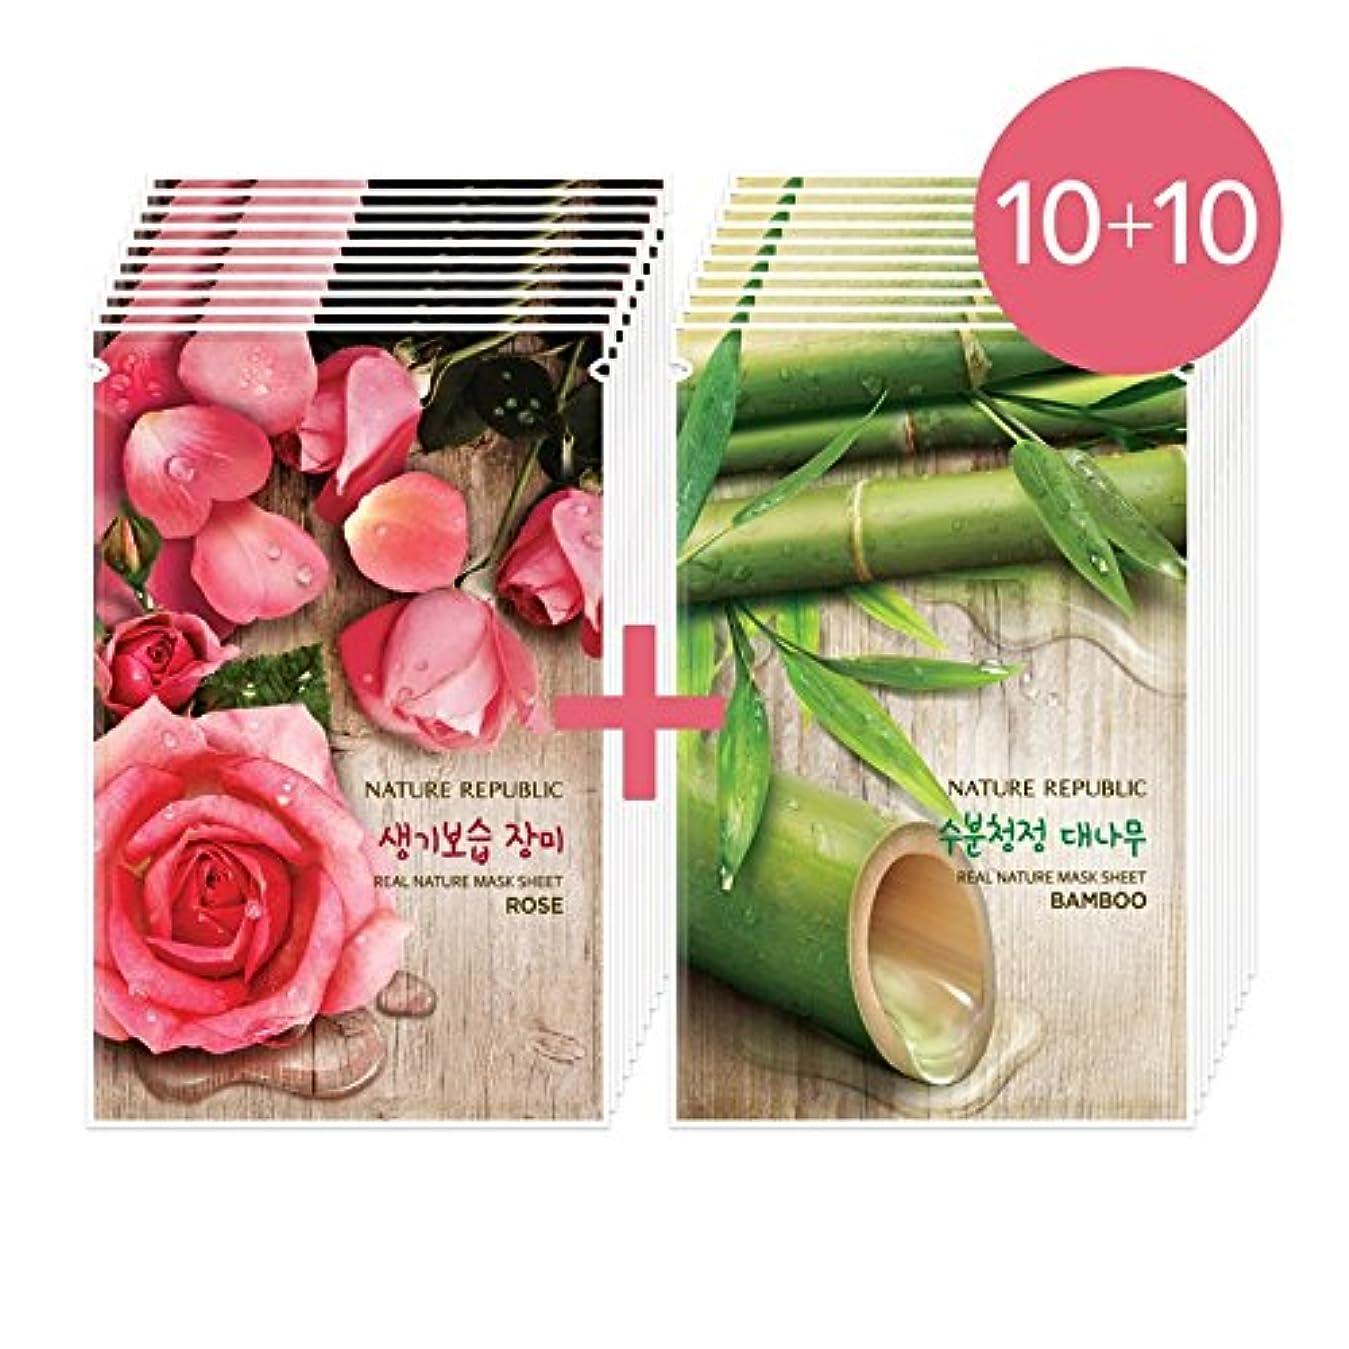 嫌がらせローラーミス(10+10) [NATURE REPUBLIC] リアルネイチャー マスクシート Real Nature Mask Sheet (Bamboo (竹) 10本 + Rose (ローズ) 10本) [並行輸入品]